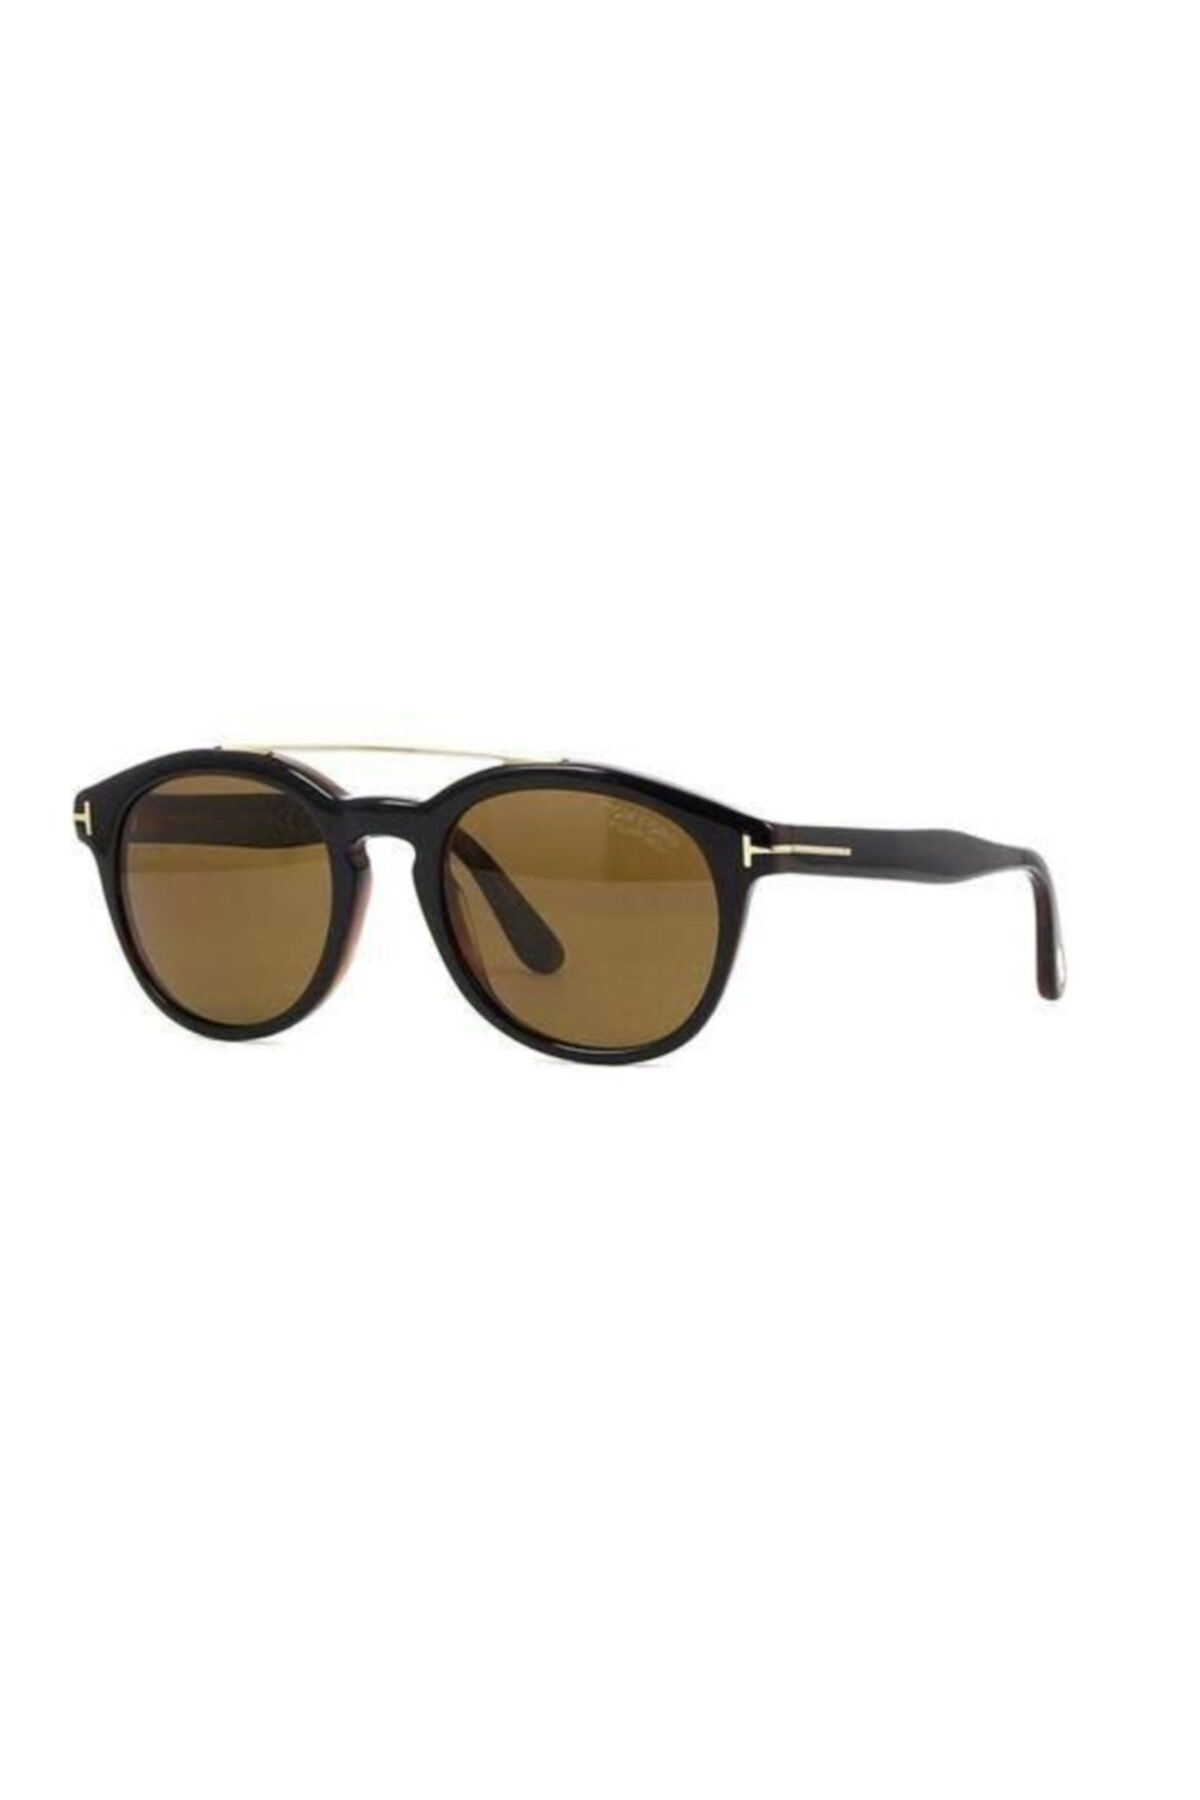 خرید انلاین عینک آفتابی زنانه ترکیه برند Tom Ford رنگ قهوه ای کد ty45912851